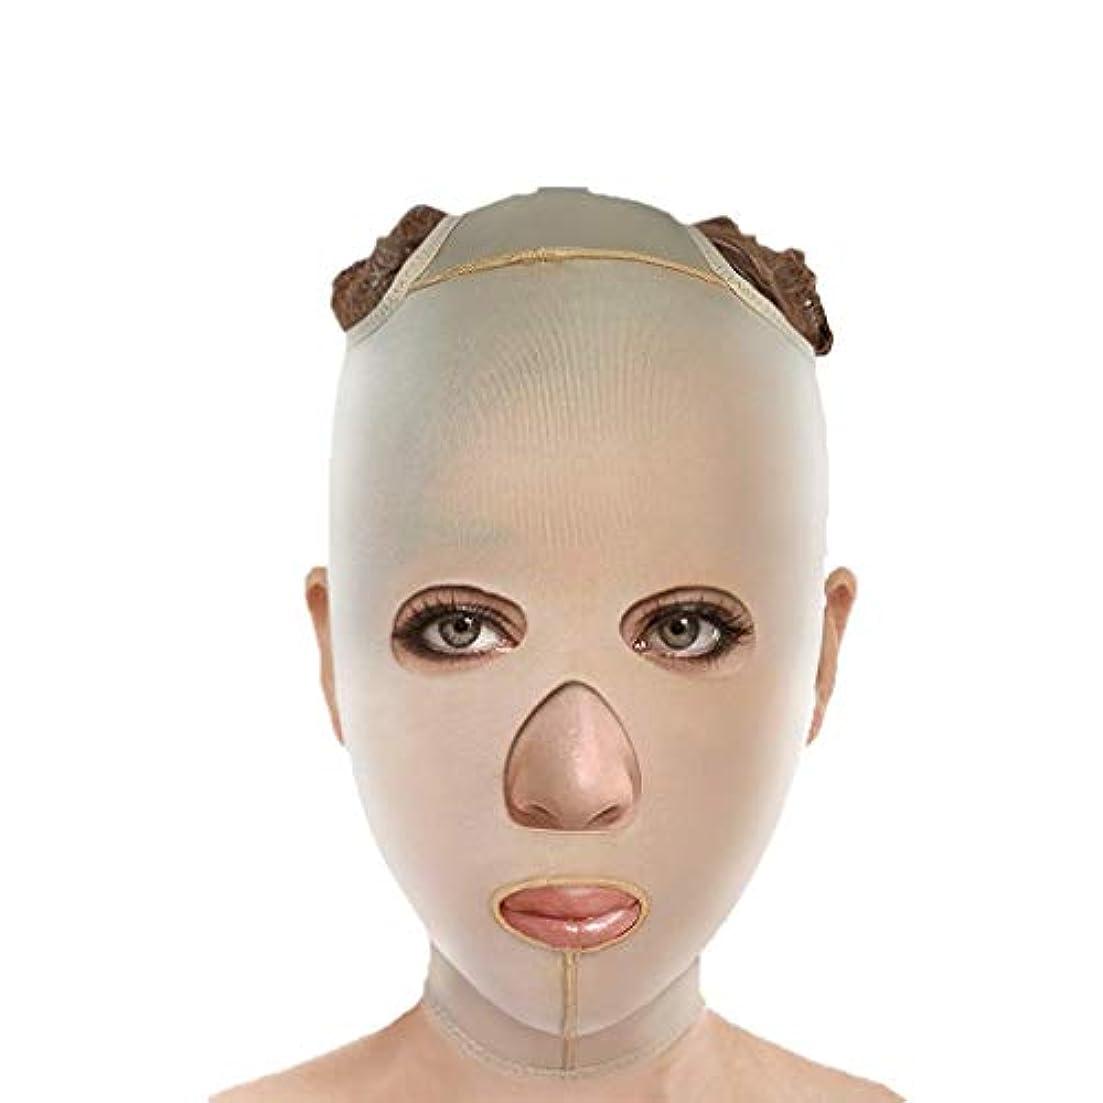 チンストラップ、フェイスリフティング、アンチエイジングフェイシャル包帯、フェイシャル減量マスク、ファーミングマスク、フェイシャルリフティングアーティファクト(サイズ:S),ザ?